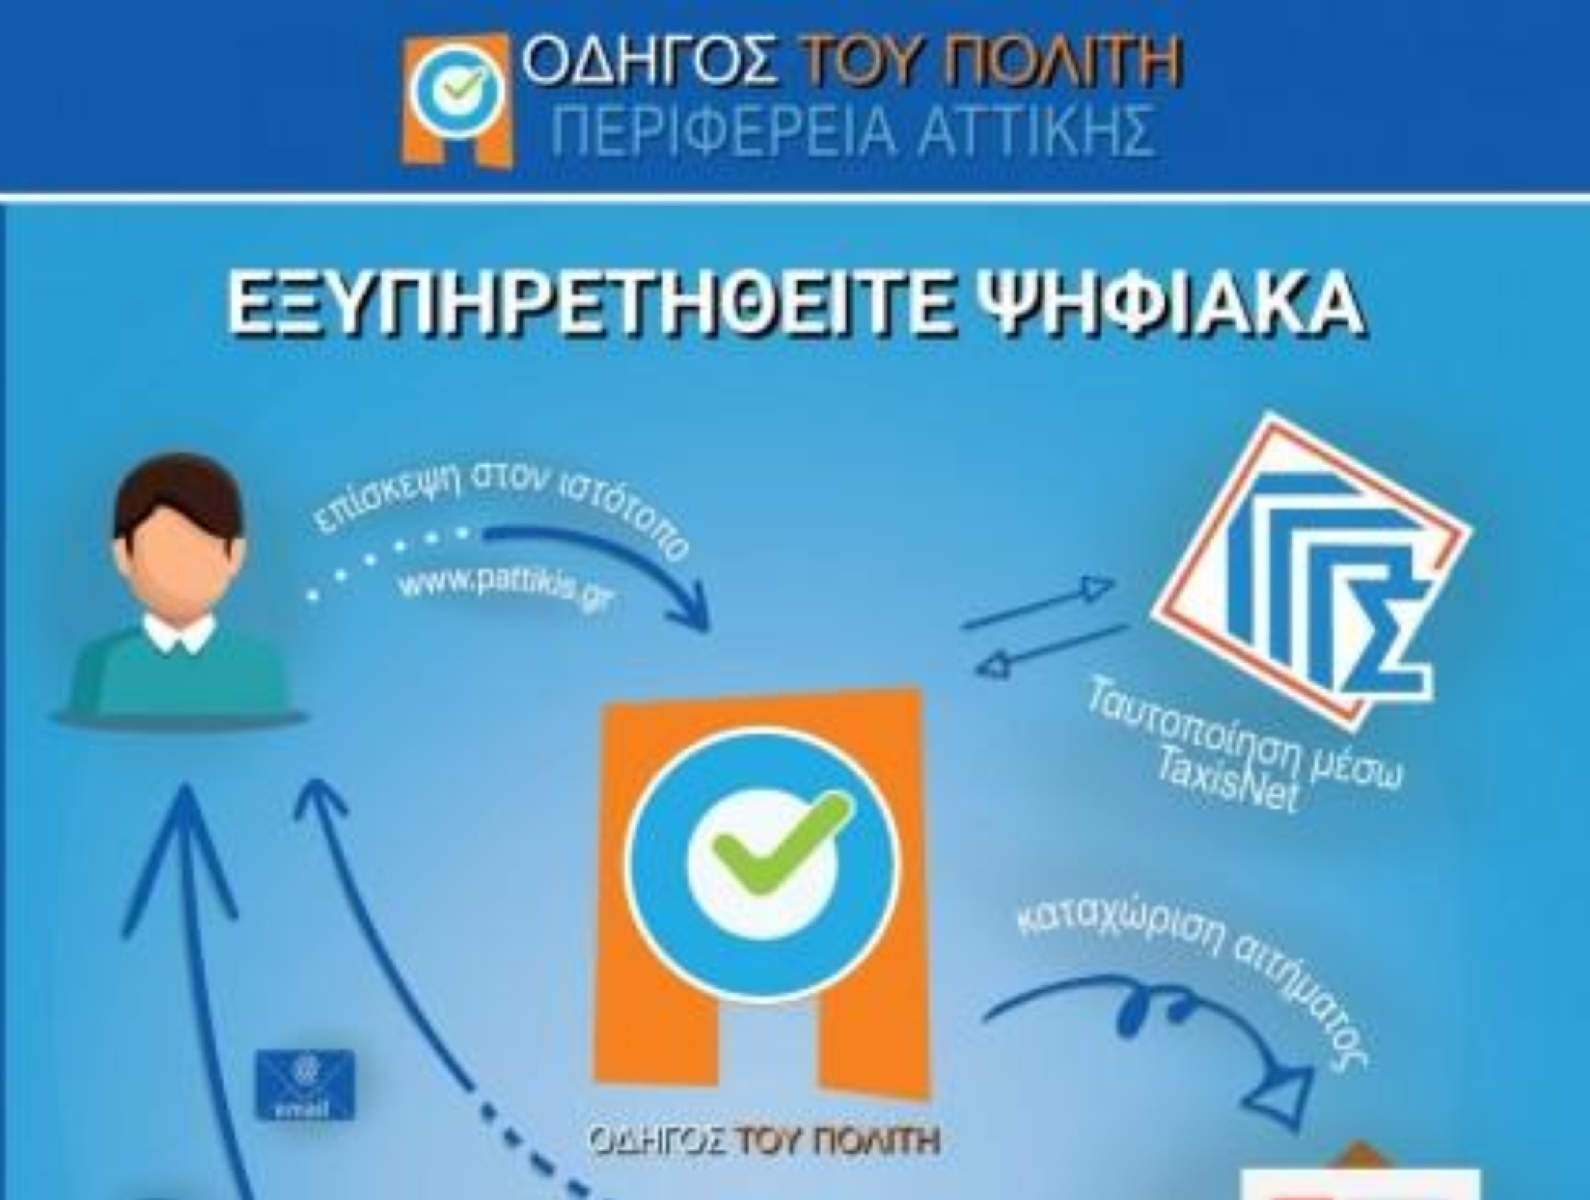 Οι ψηφιακές υπηρεσίες της Περιφέρειας Αττικής στο gov.gr